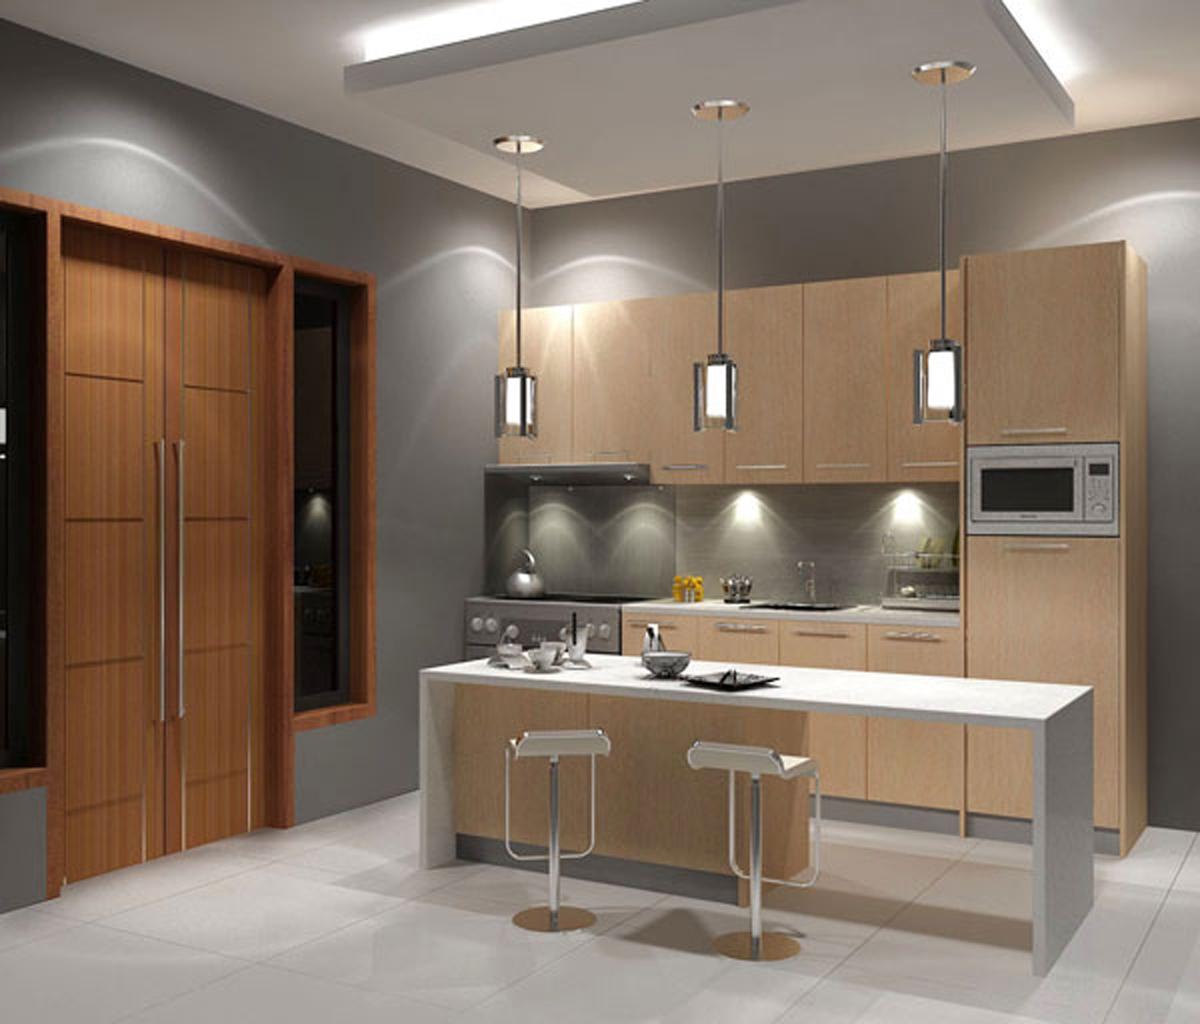 Desain design dapur minimalis 20 for Design interior minimalis modern